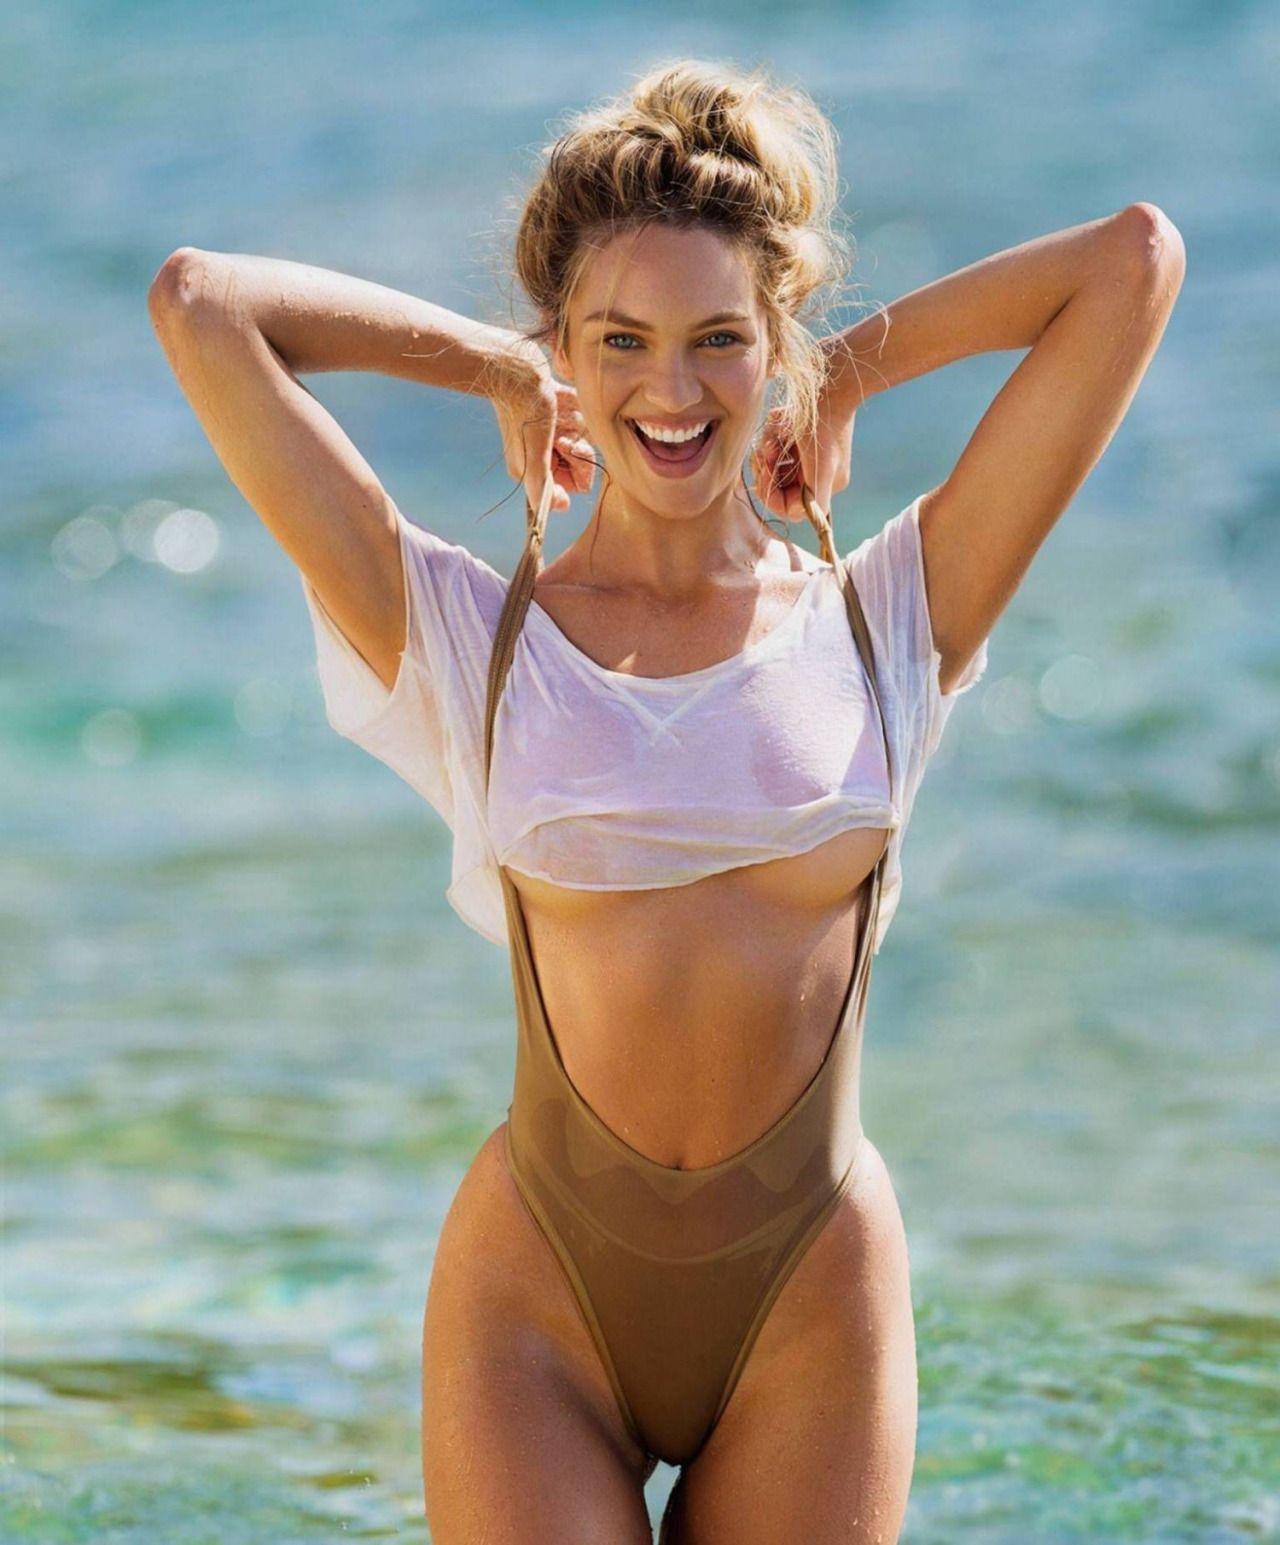 Xxx super models naked, ddad porndad and daughter porn